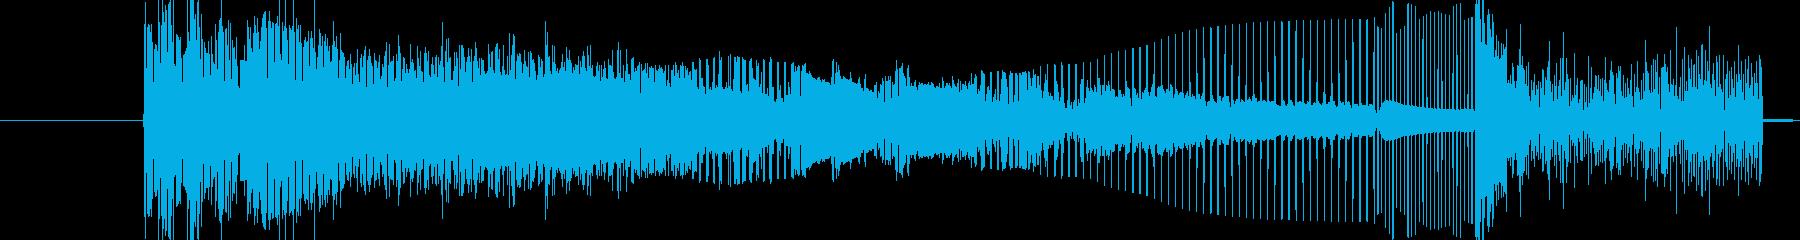 ワイルドバージョン3の再生済みの波形